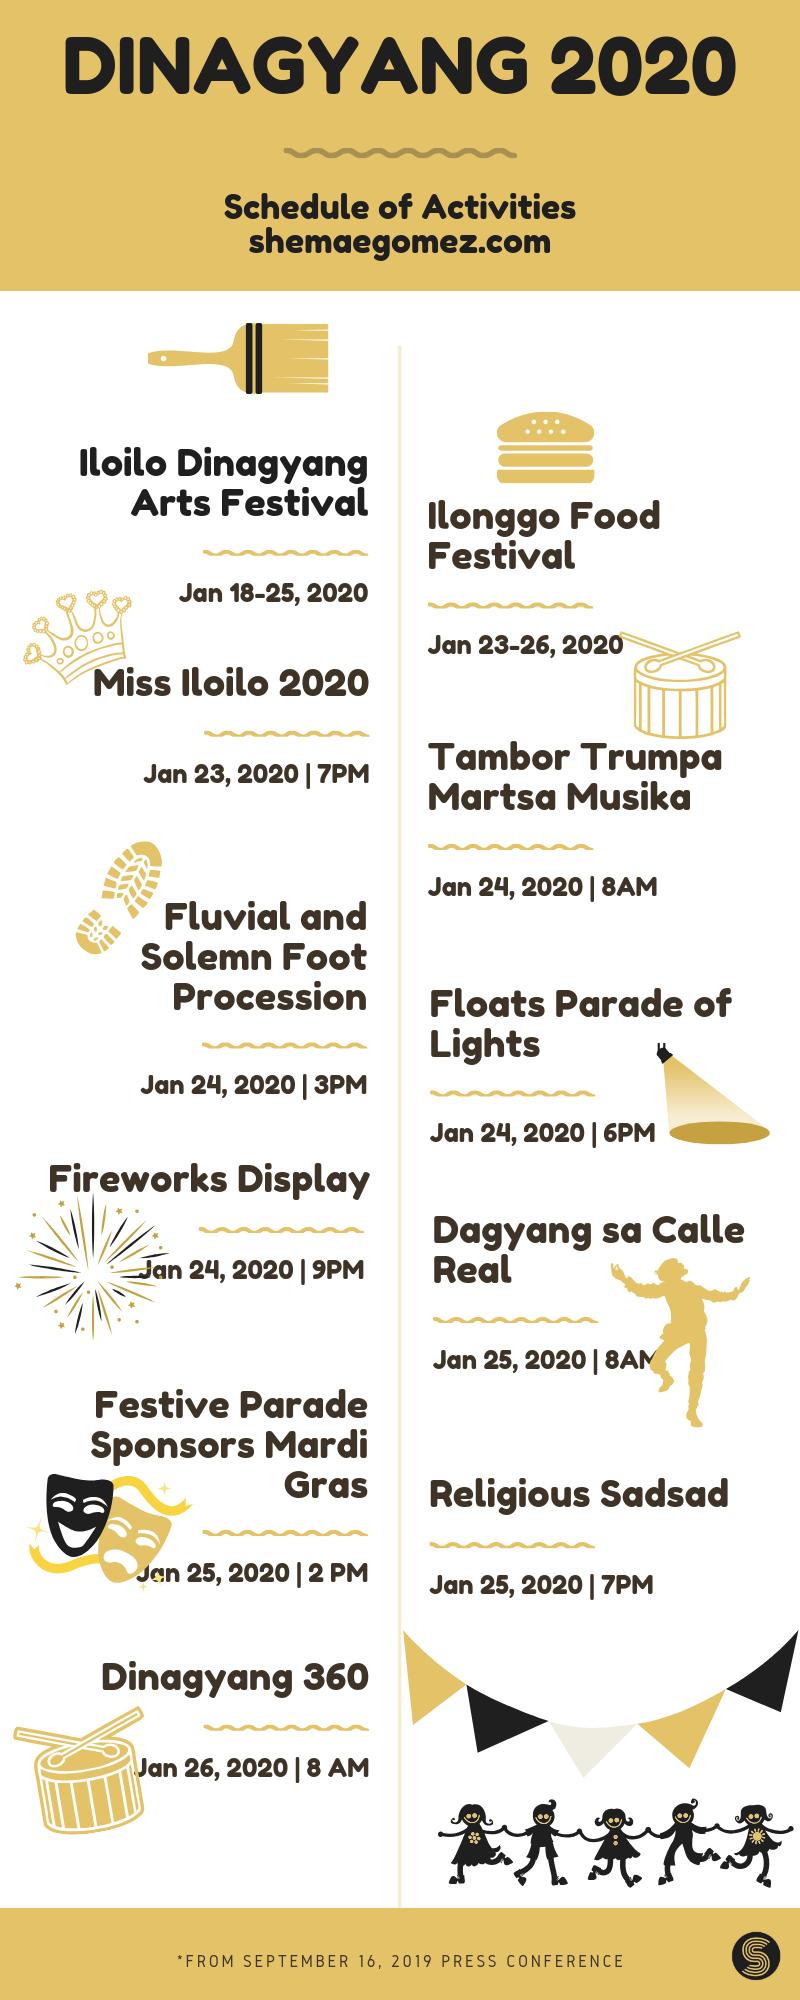 dinagyang 2020 schedule